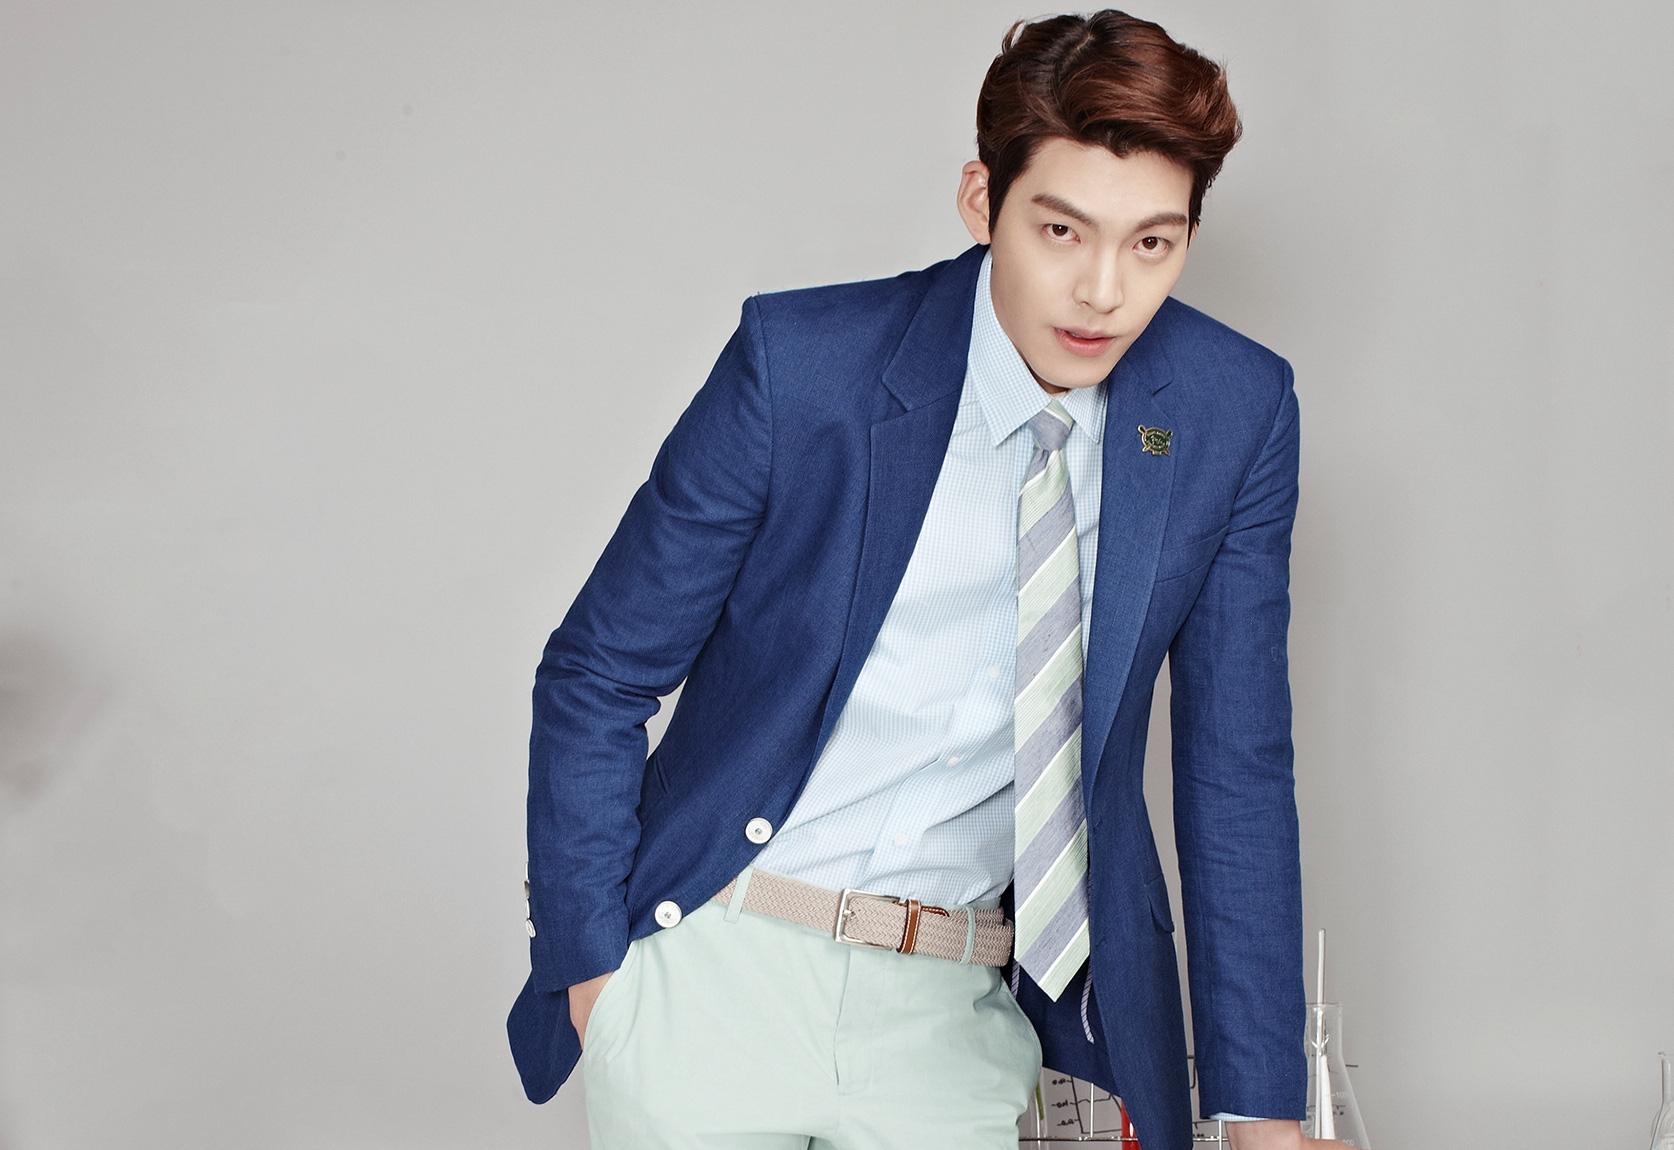 Vượt qua bạo bệnh, Kim Woo Bin rời công ty quản lý gắn bó 8 năm để về cùng 'nhà' với bạn gái Shin Min Ah - Ảnh 1